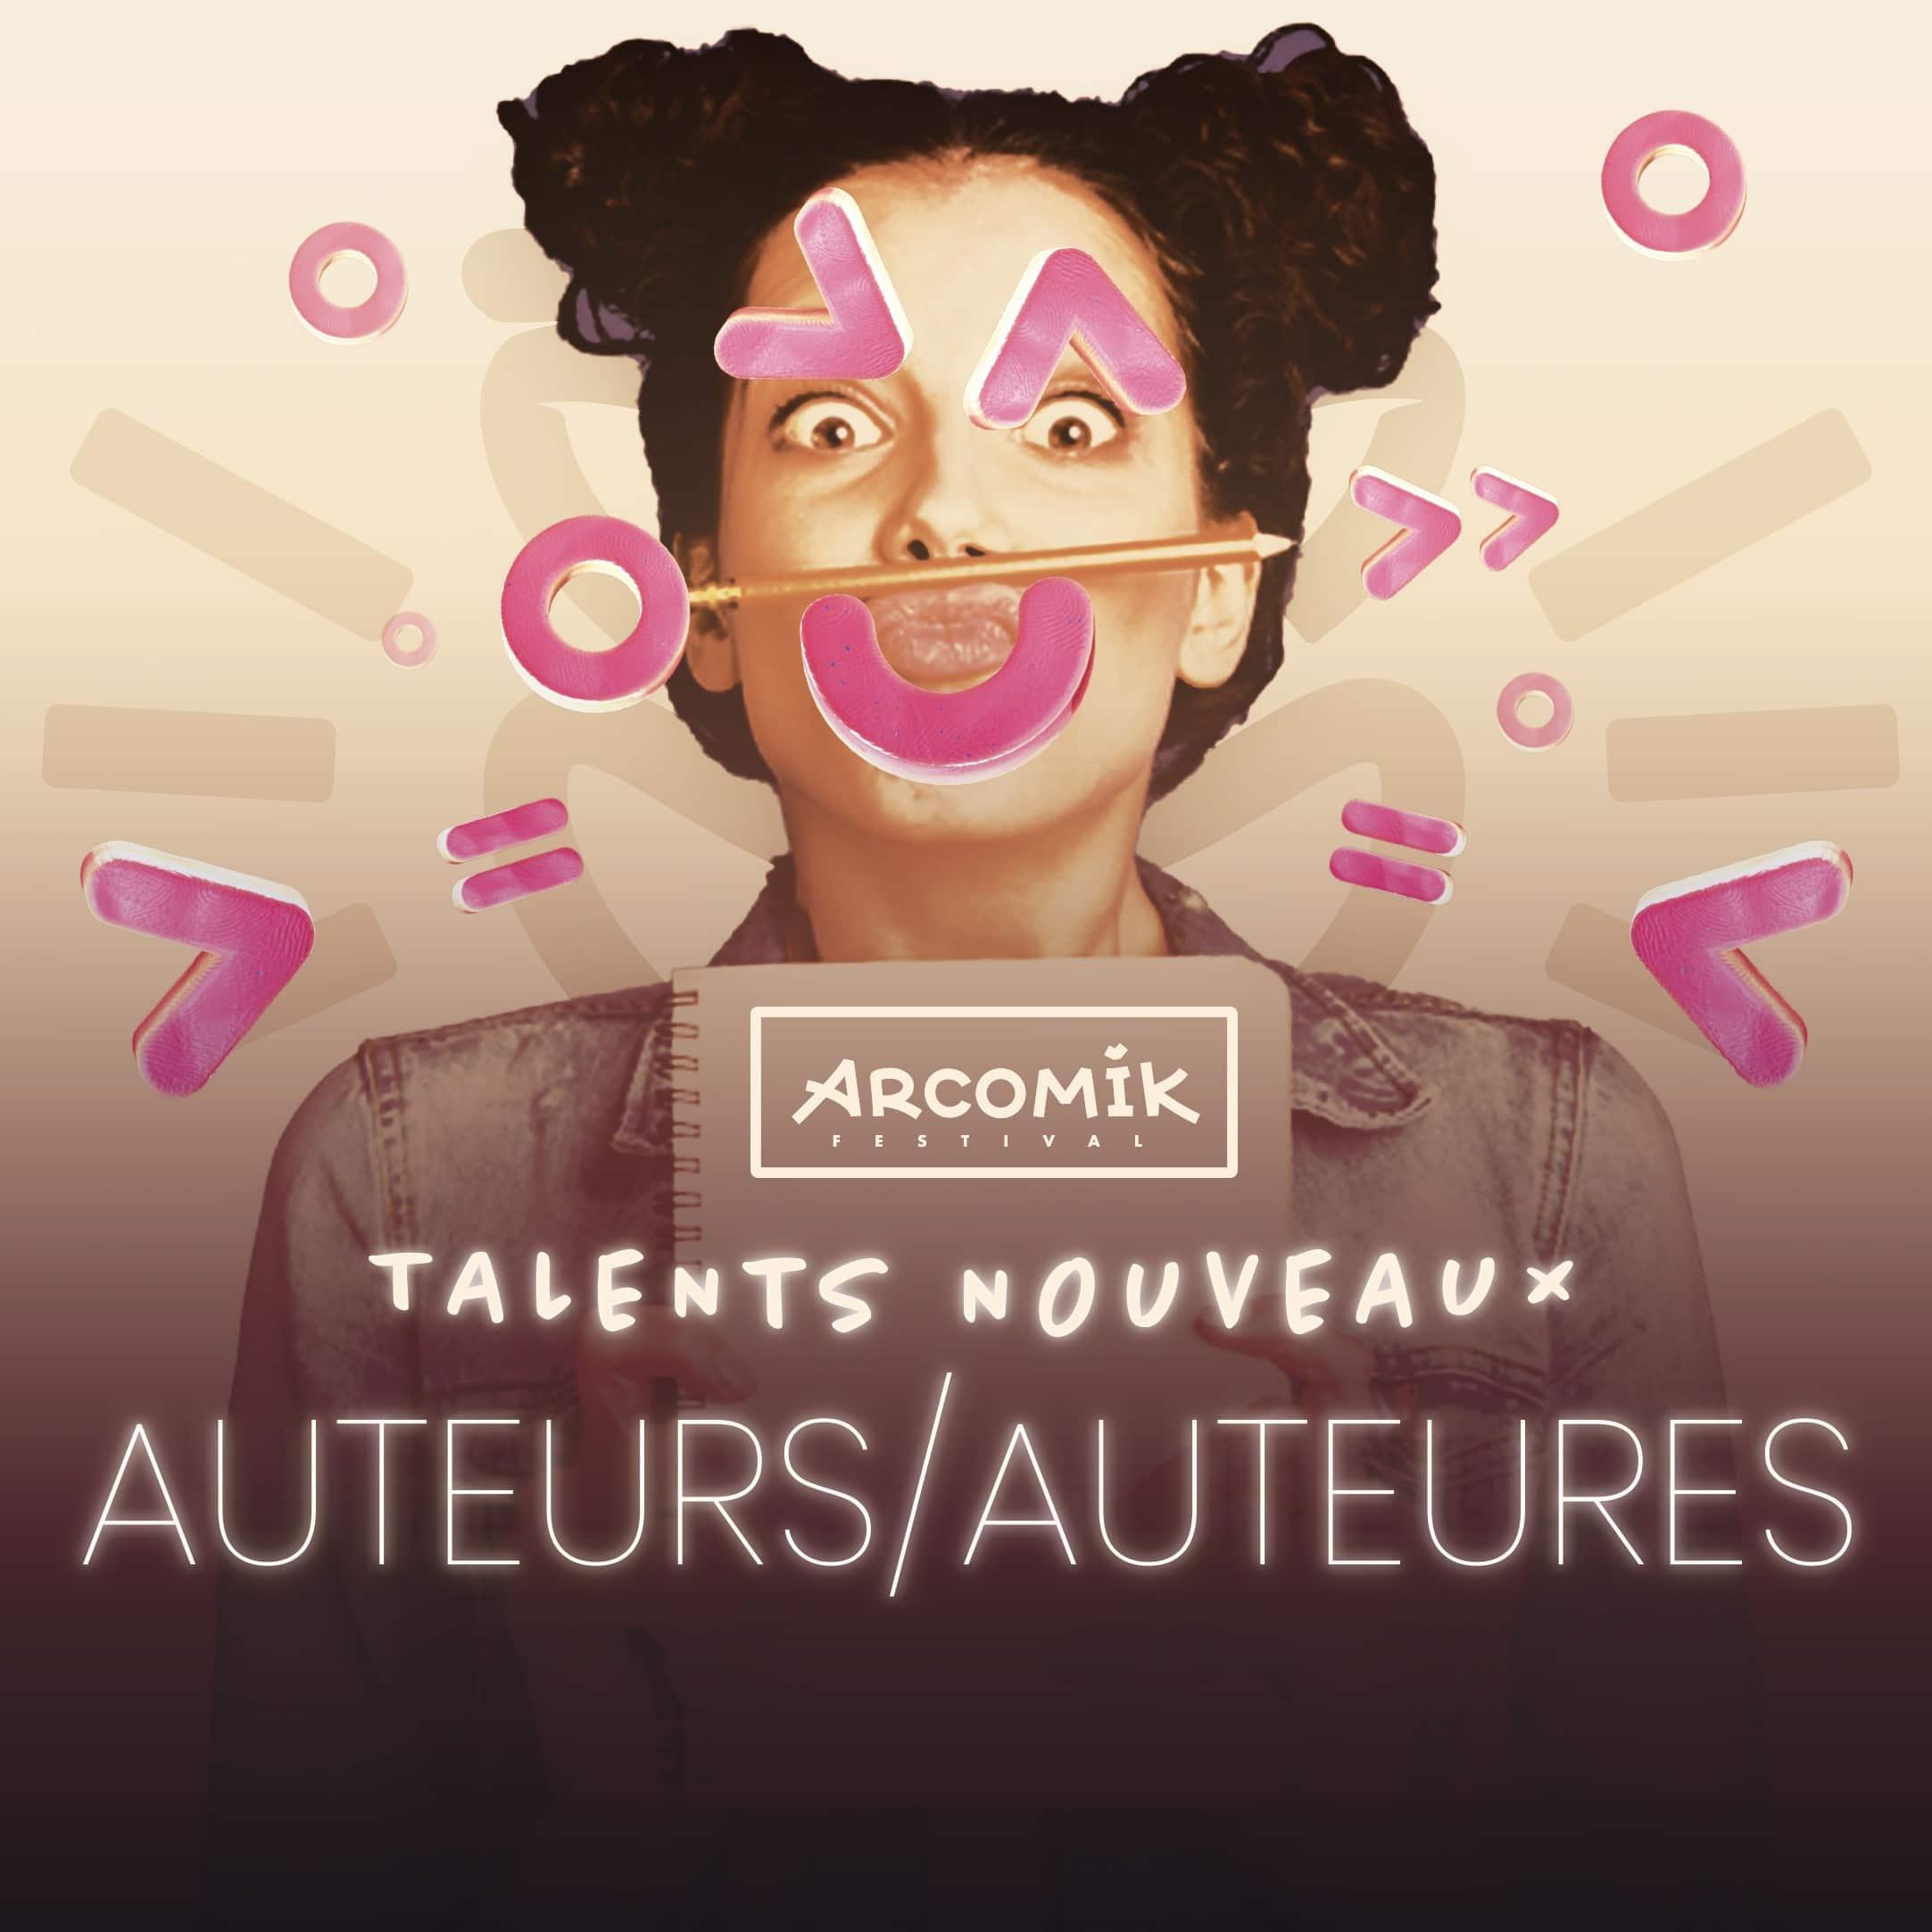 auteur-talents-nouveau-arcomik-2021-carre